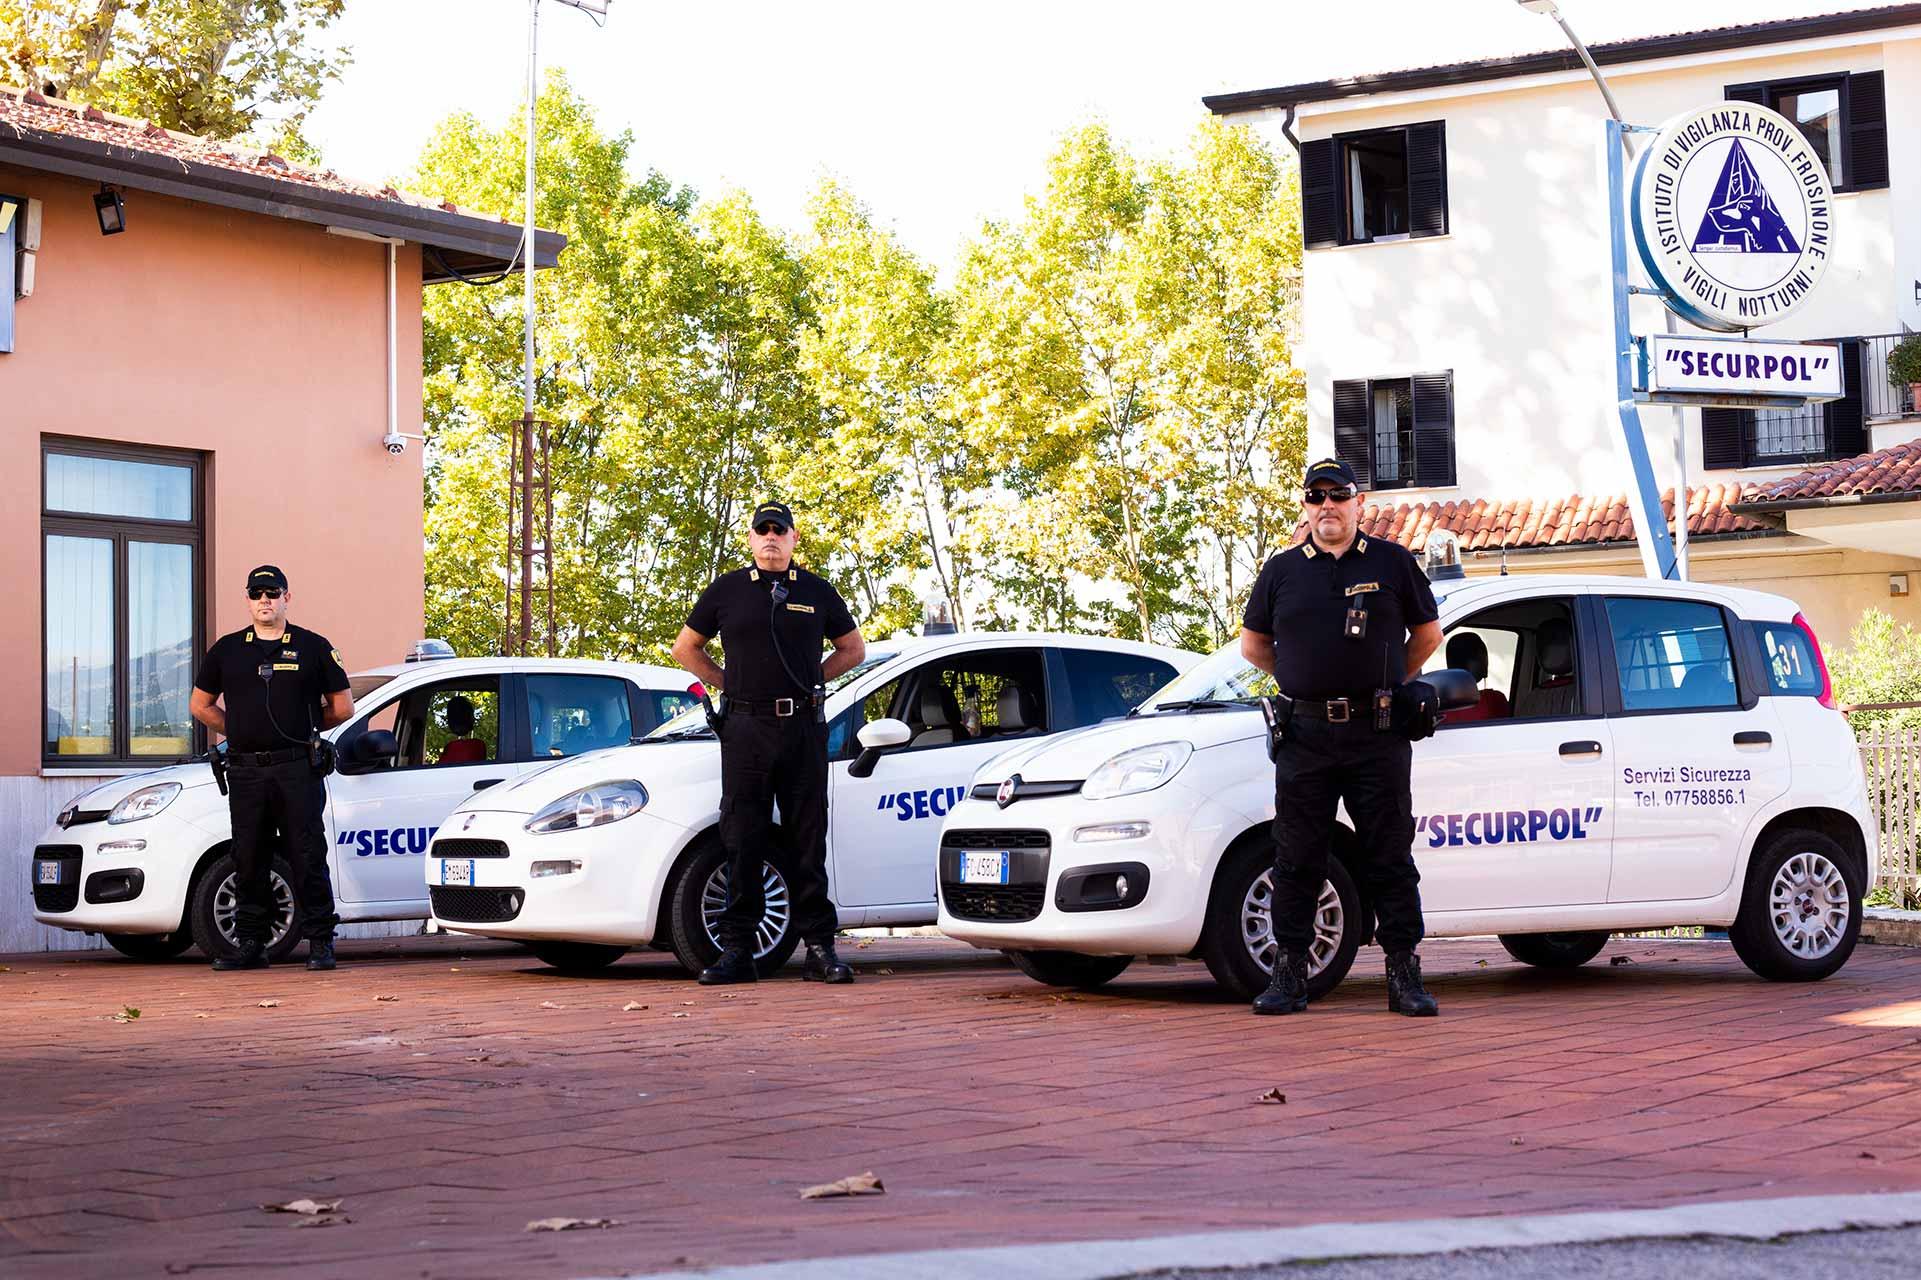 Securpol - Servizi - Pattugliamento e Ronde - Frosinone